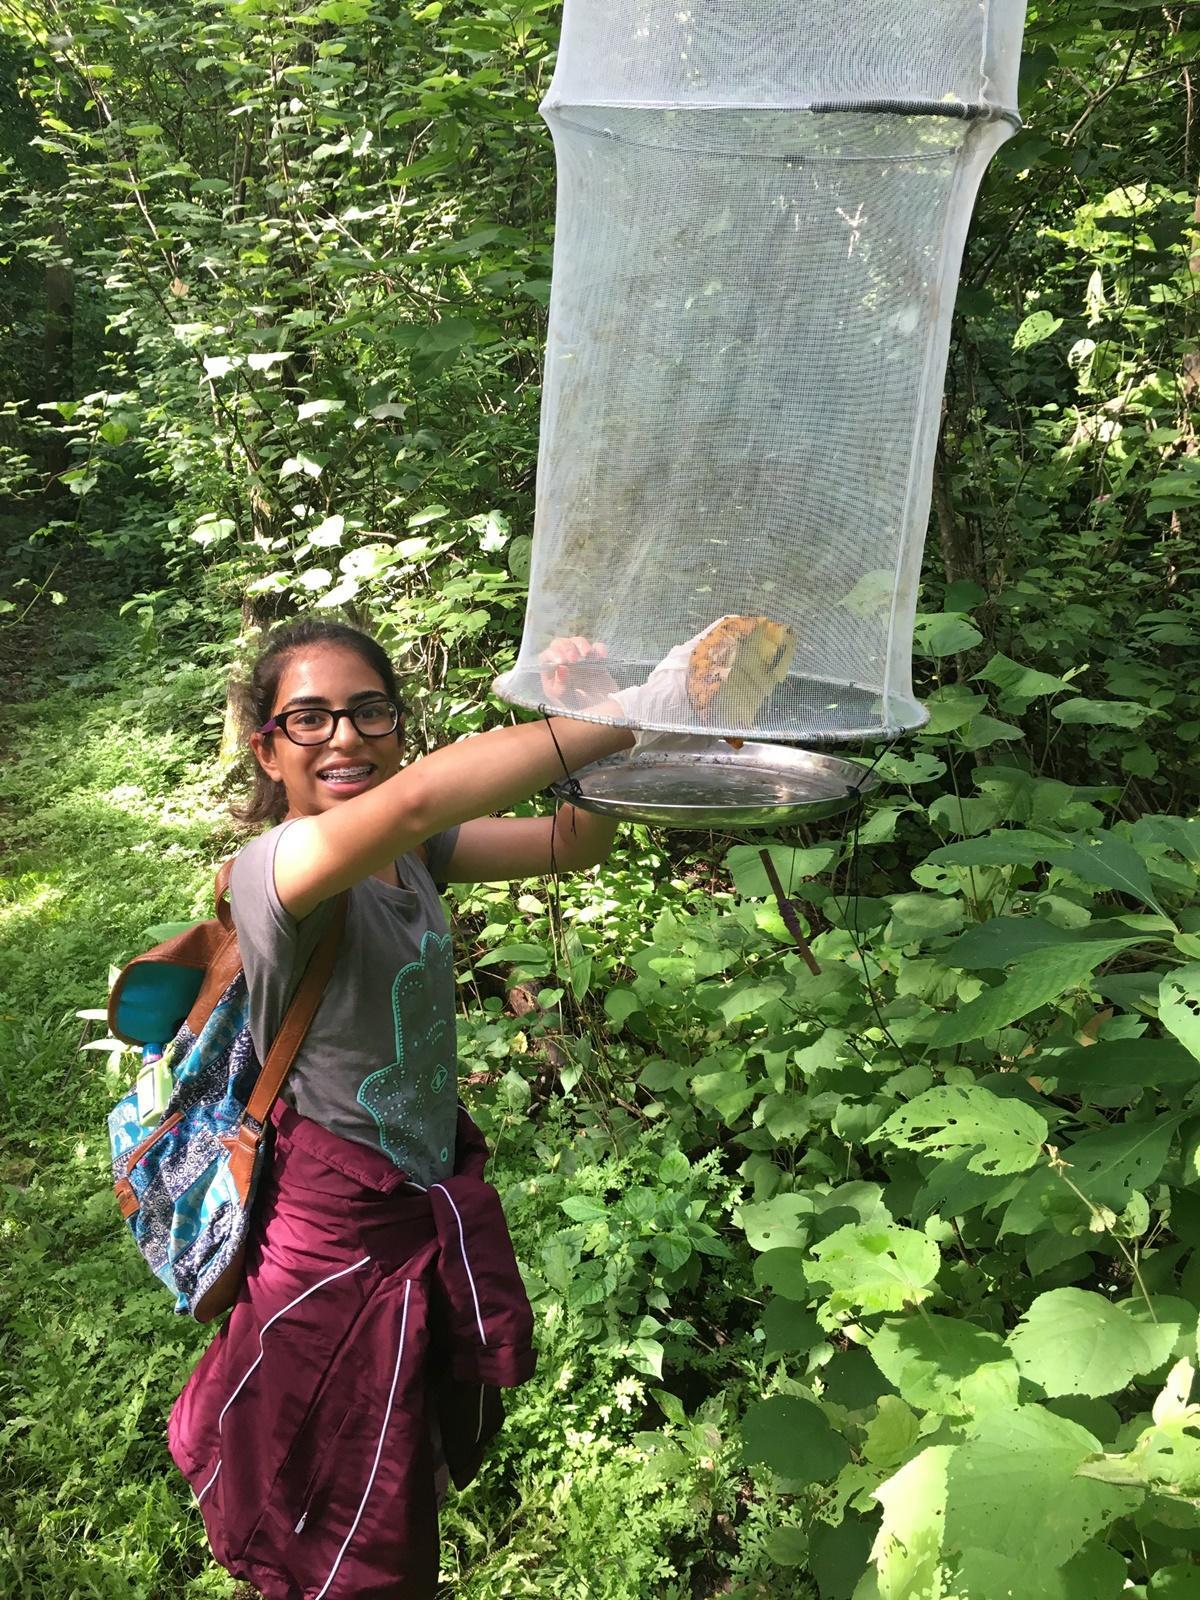 環保義工在哥斯達黎加捕捉和觀察蝴蝶進行記錄